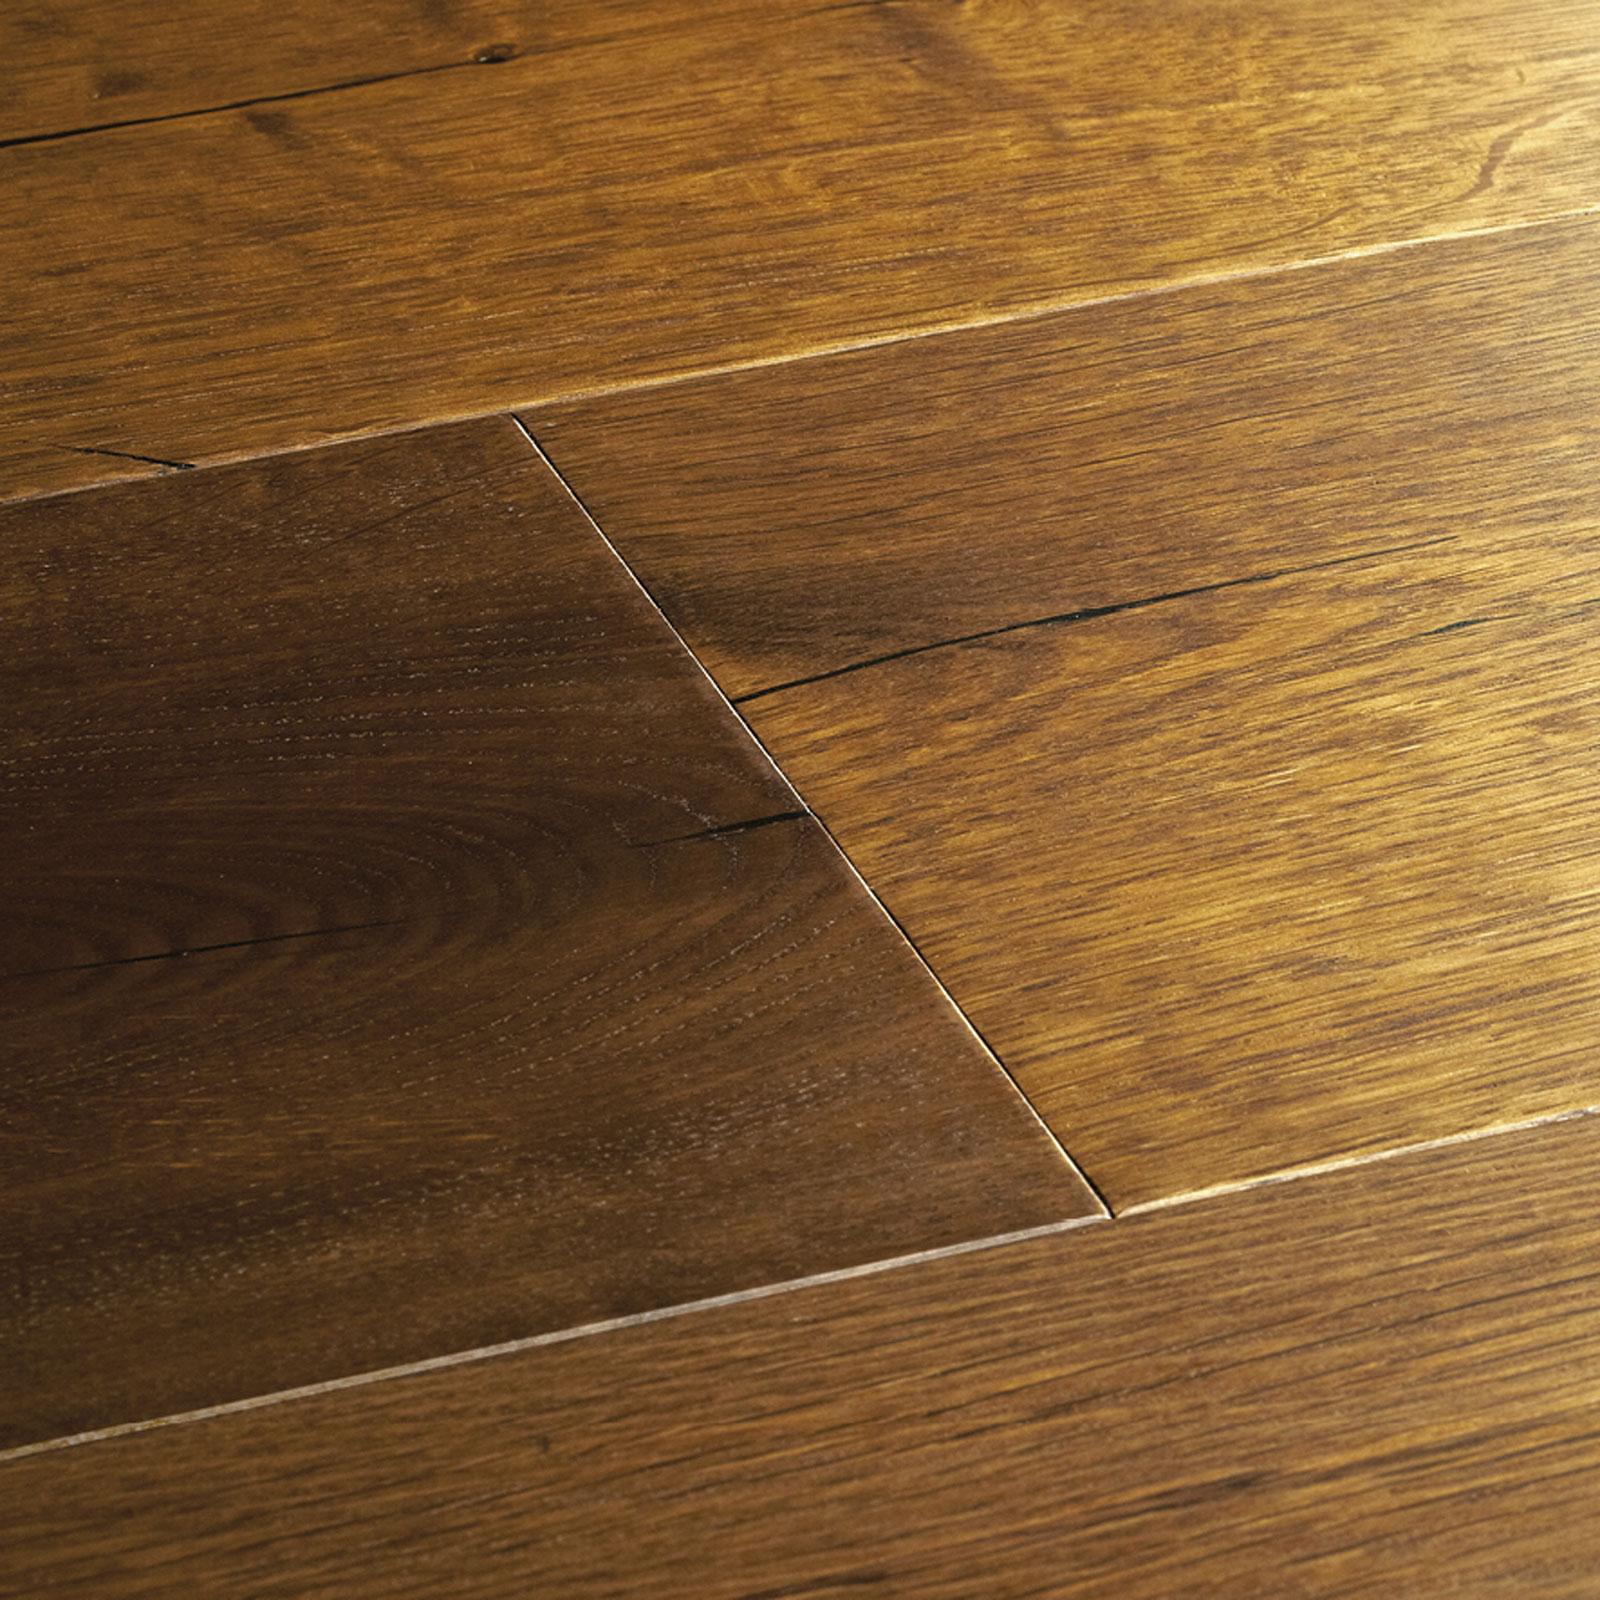 Engineered wood flooring berkeley burnt oak